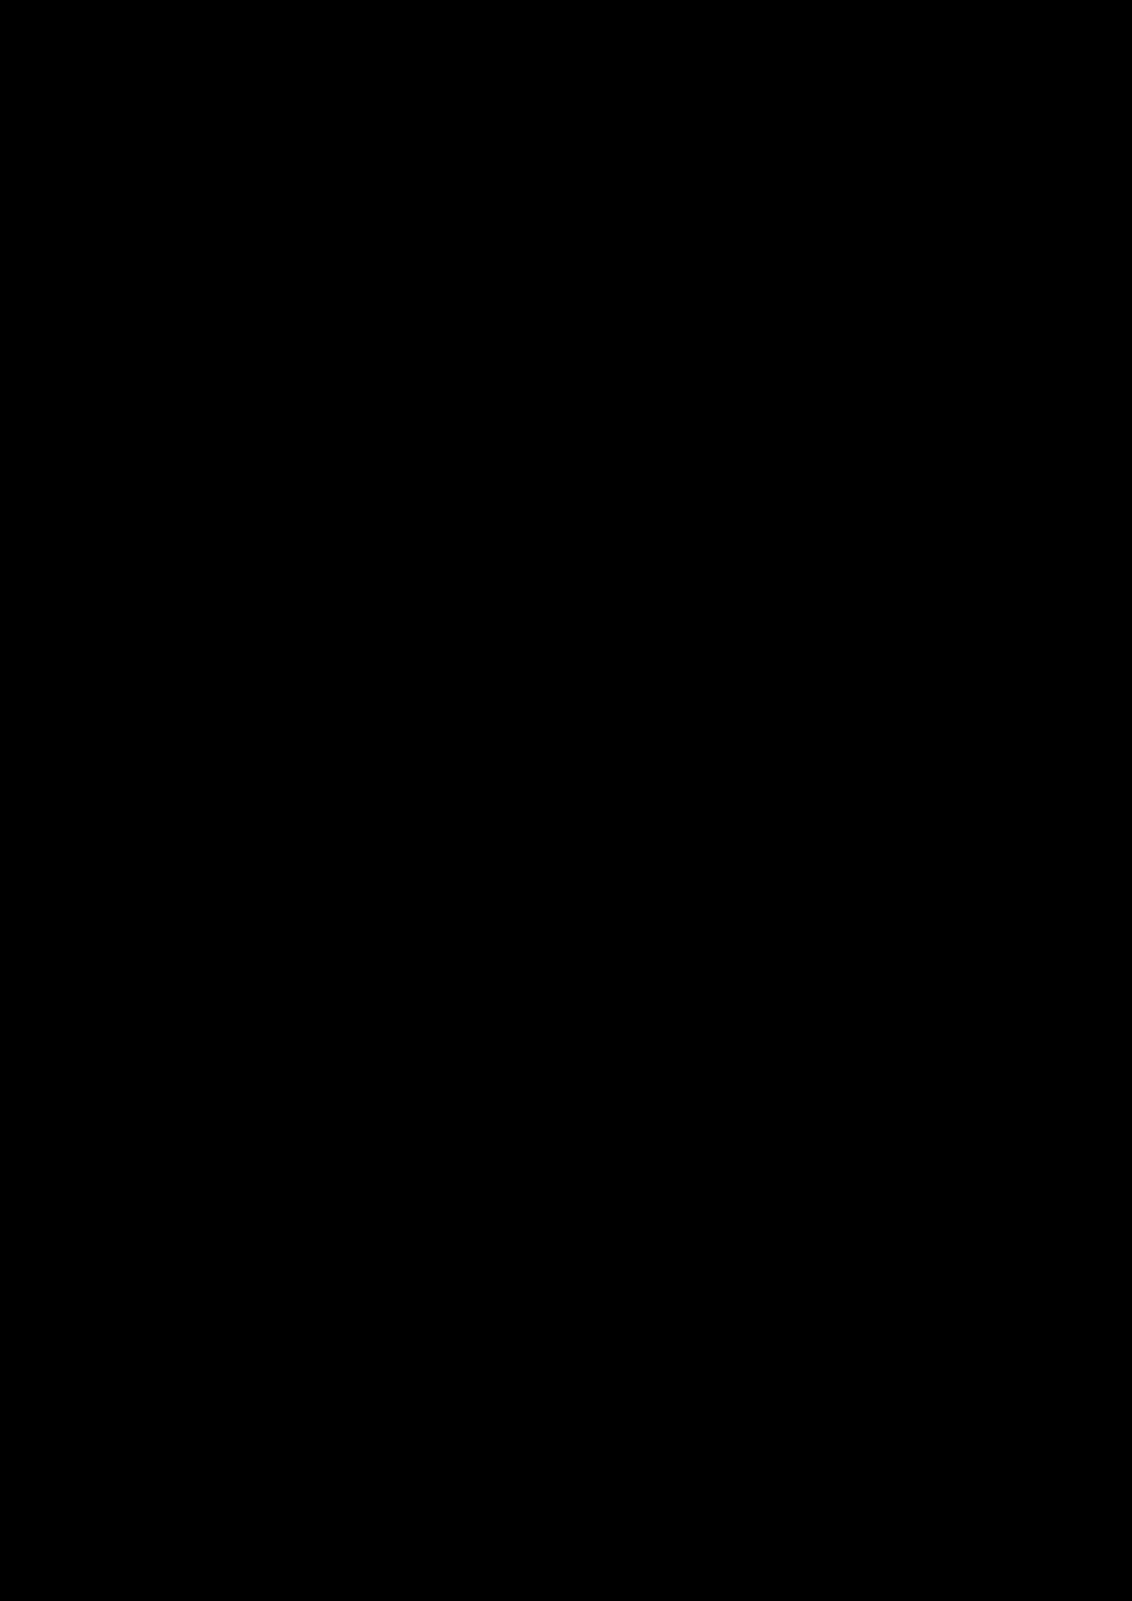 Zagadka volshebnoy stranyi slide, Image 107